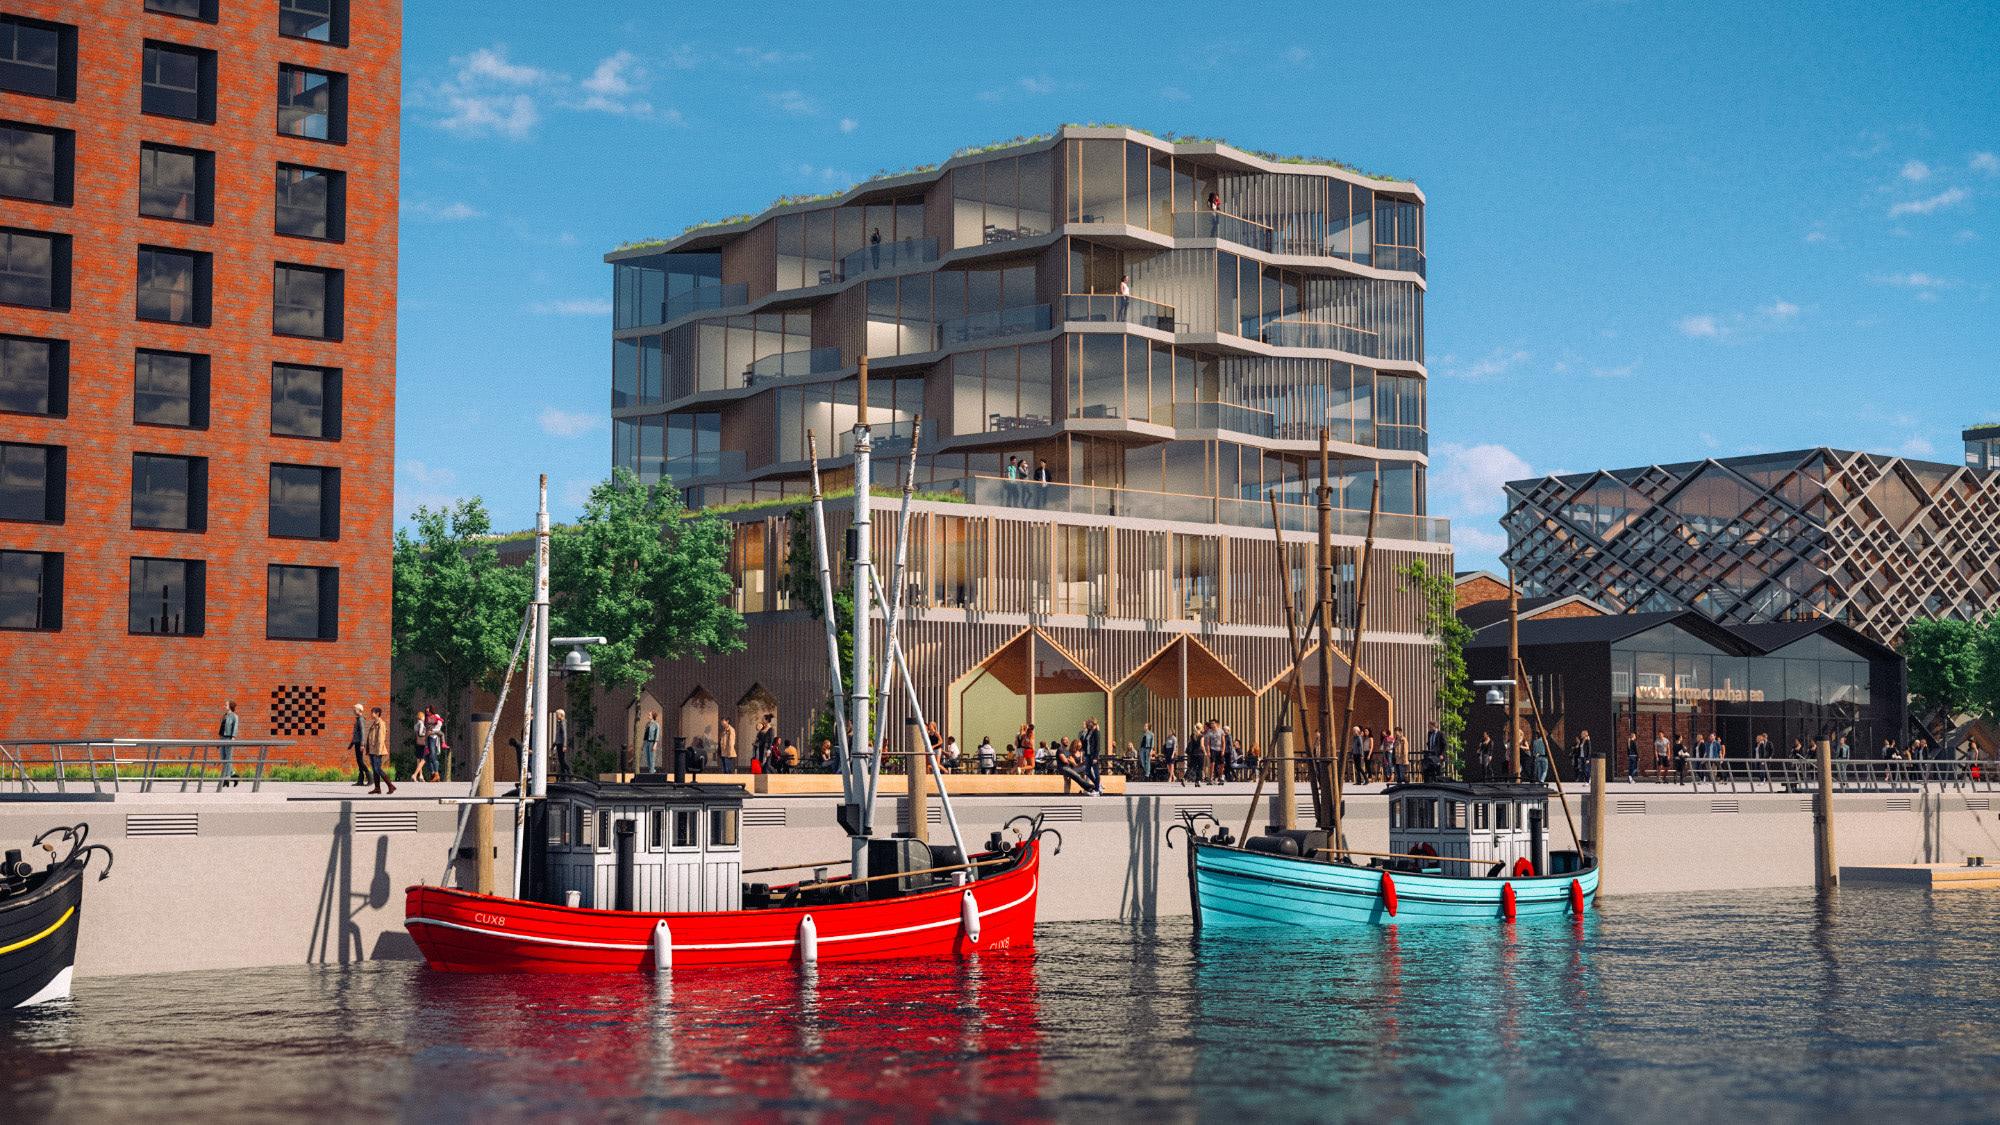 Destinationsentwicklung Quartier Alter Fischereihafen Cuxhaven Promenade Büros Boote Going Places